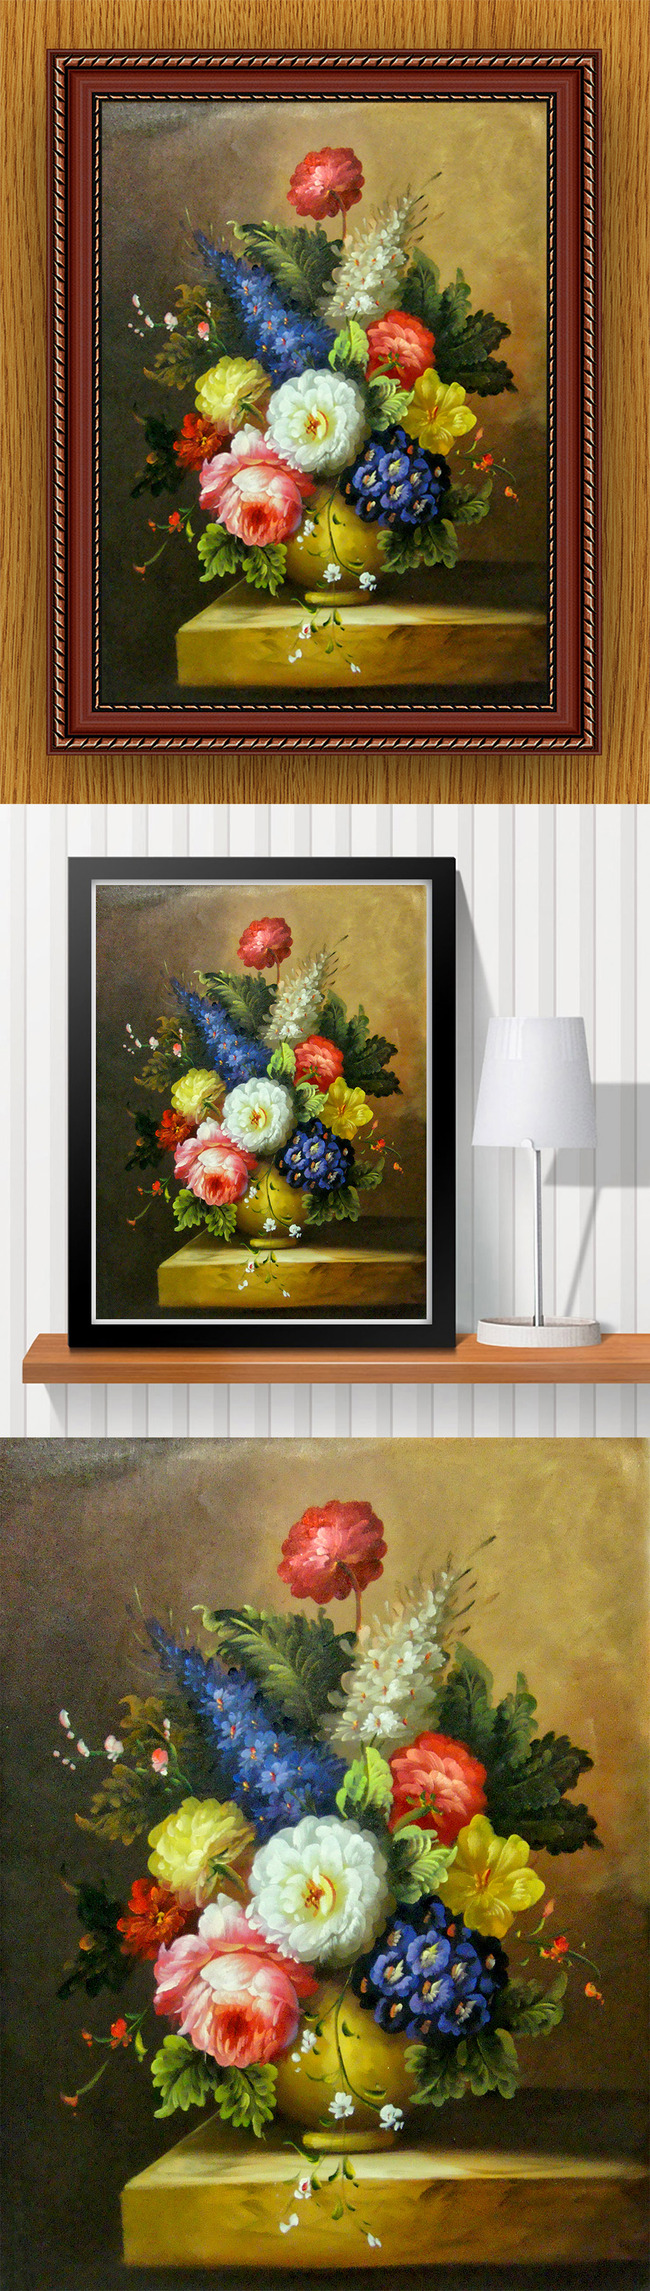 【无】高清手绘欧式古典写实风格花朵花瓶油画